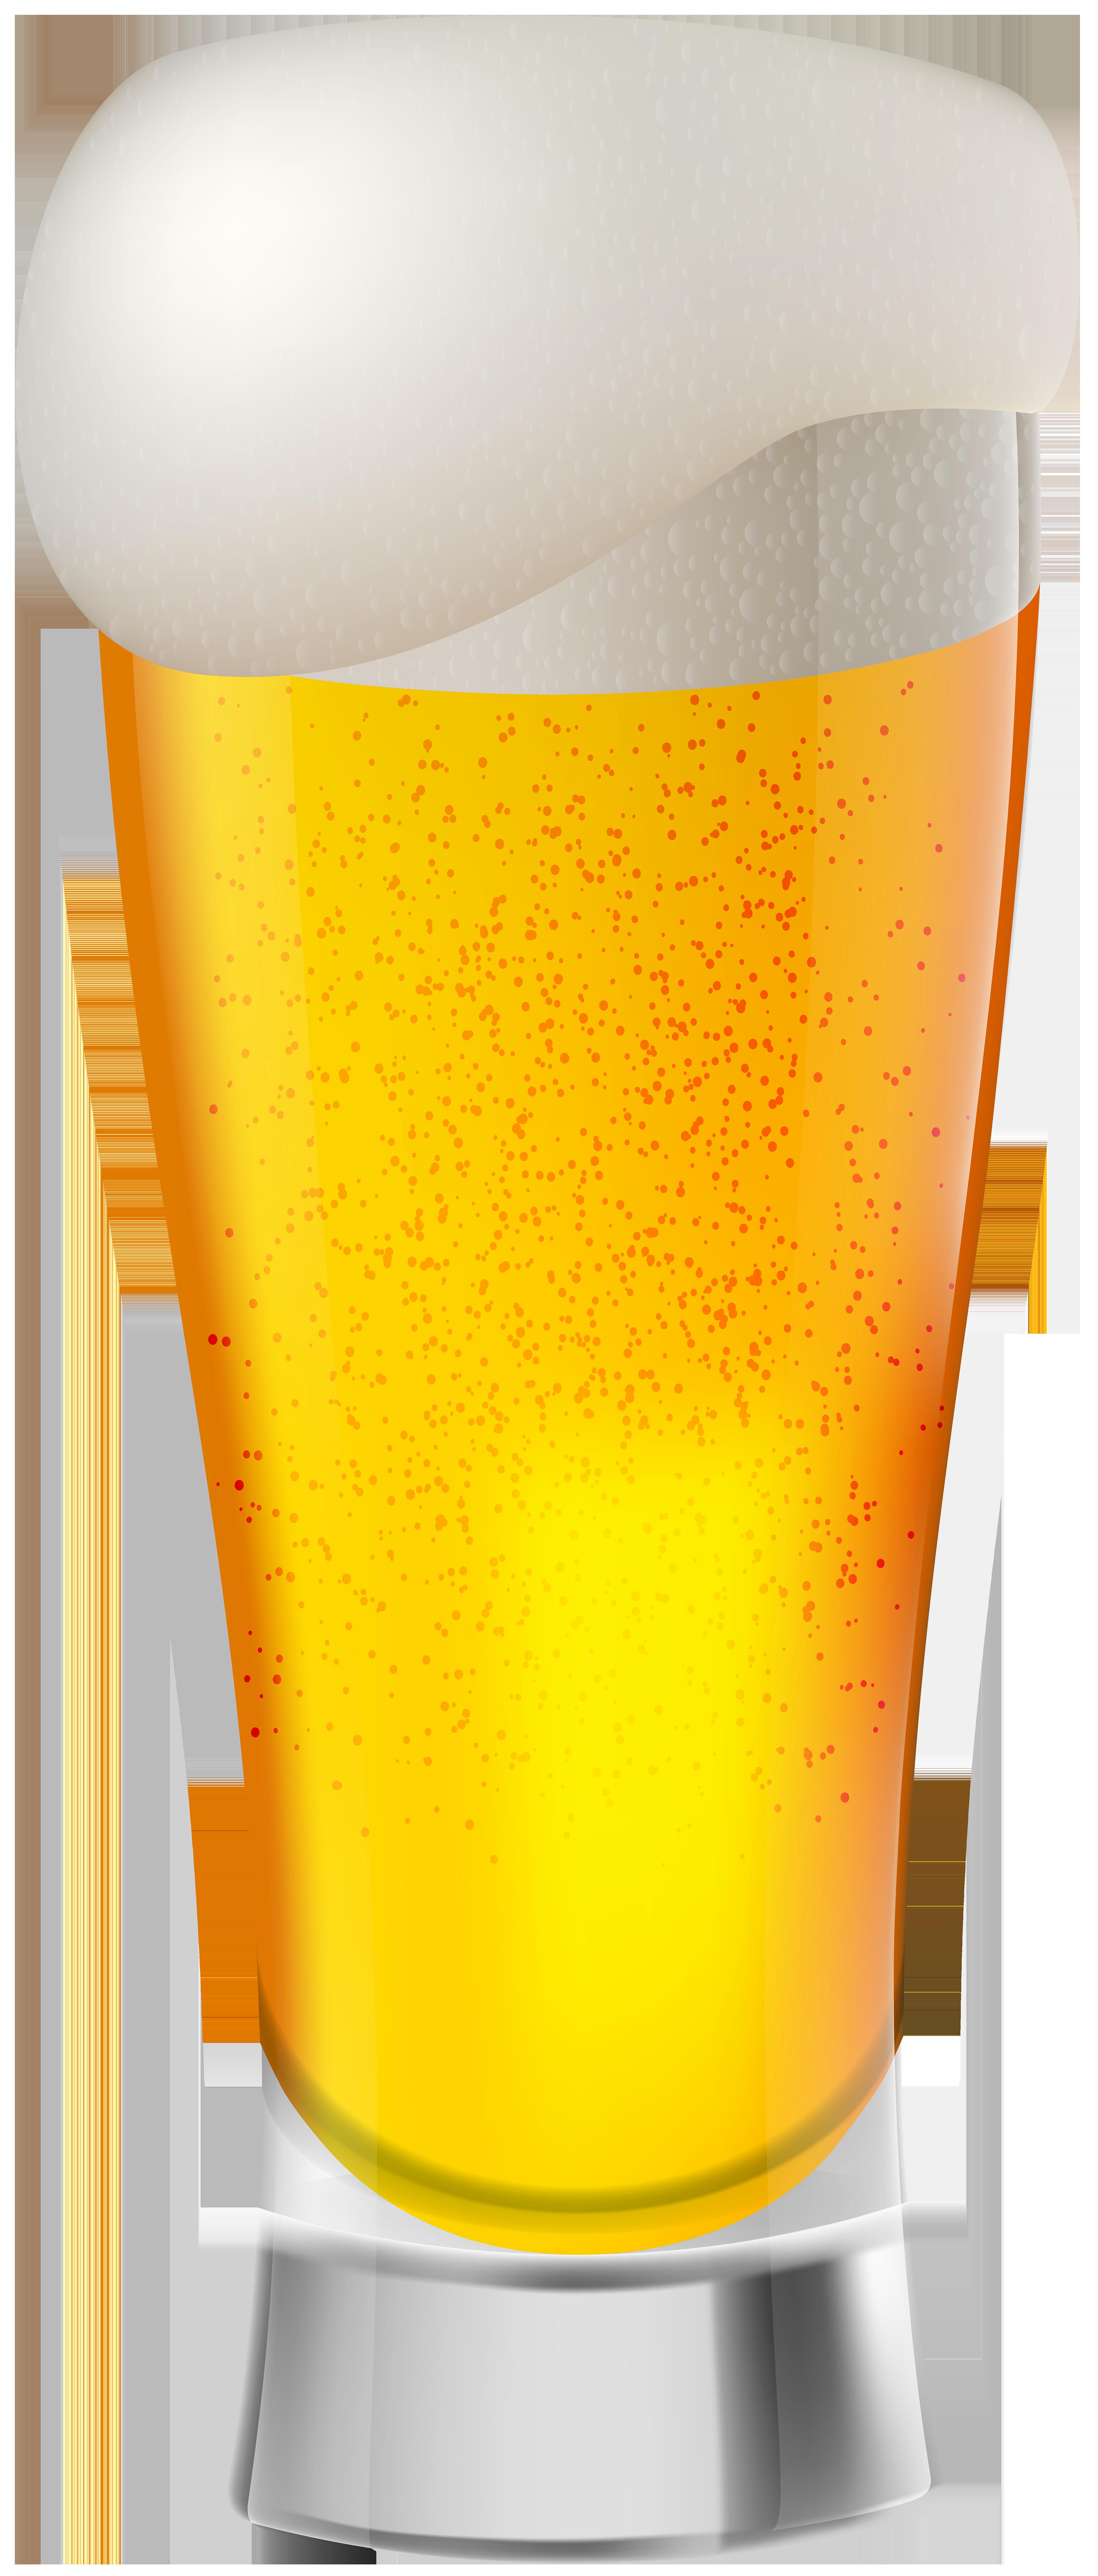 Beer png clip art. Oktoberfest clipart pilsner glass